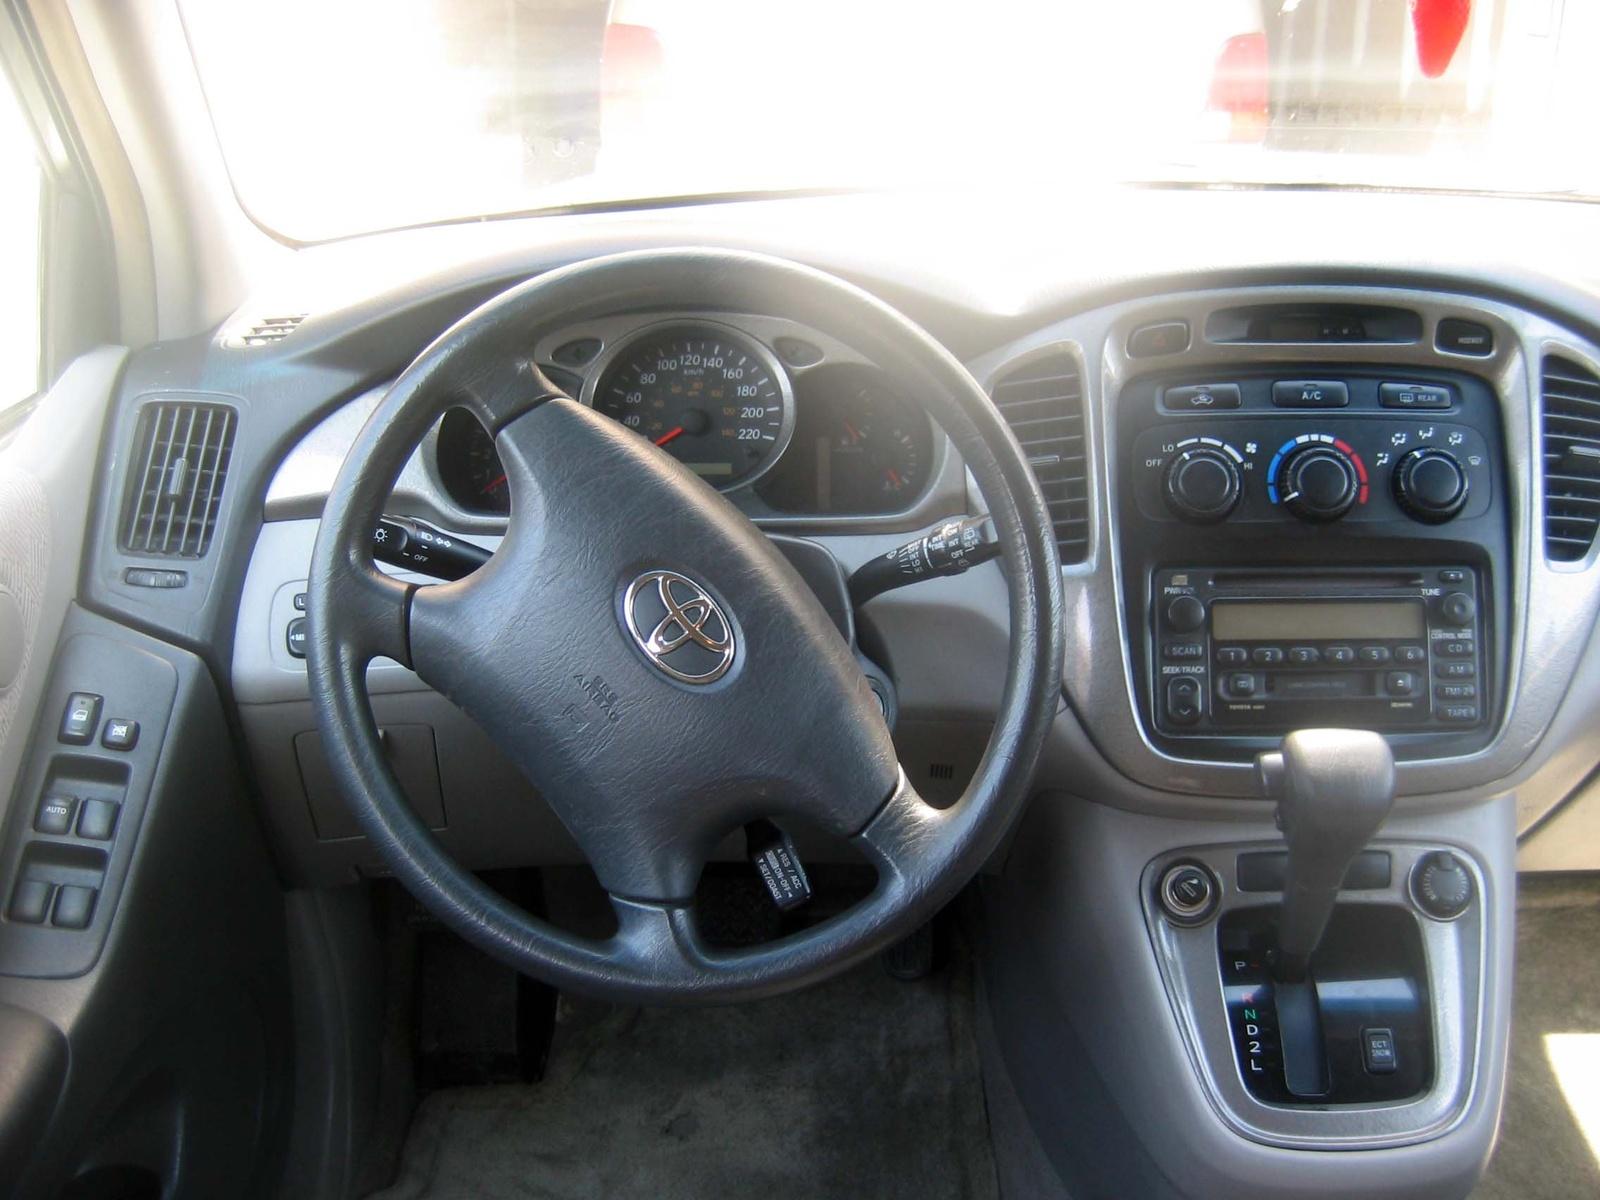 2002 Toyota Highlander Interior Pictures Cargurus